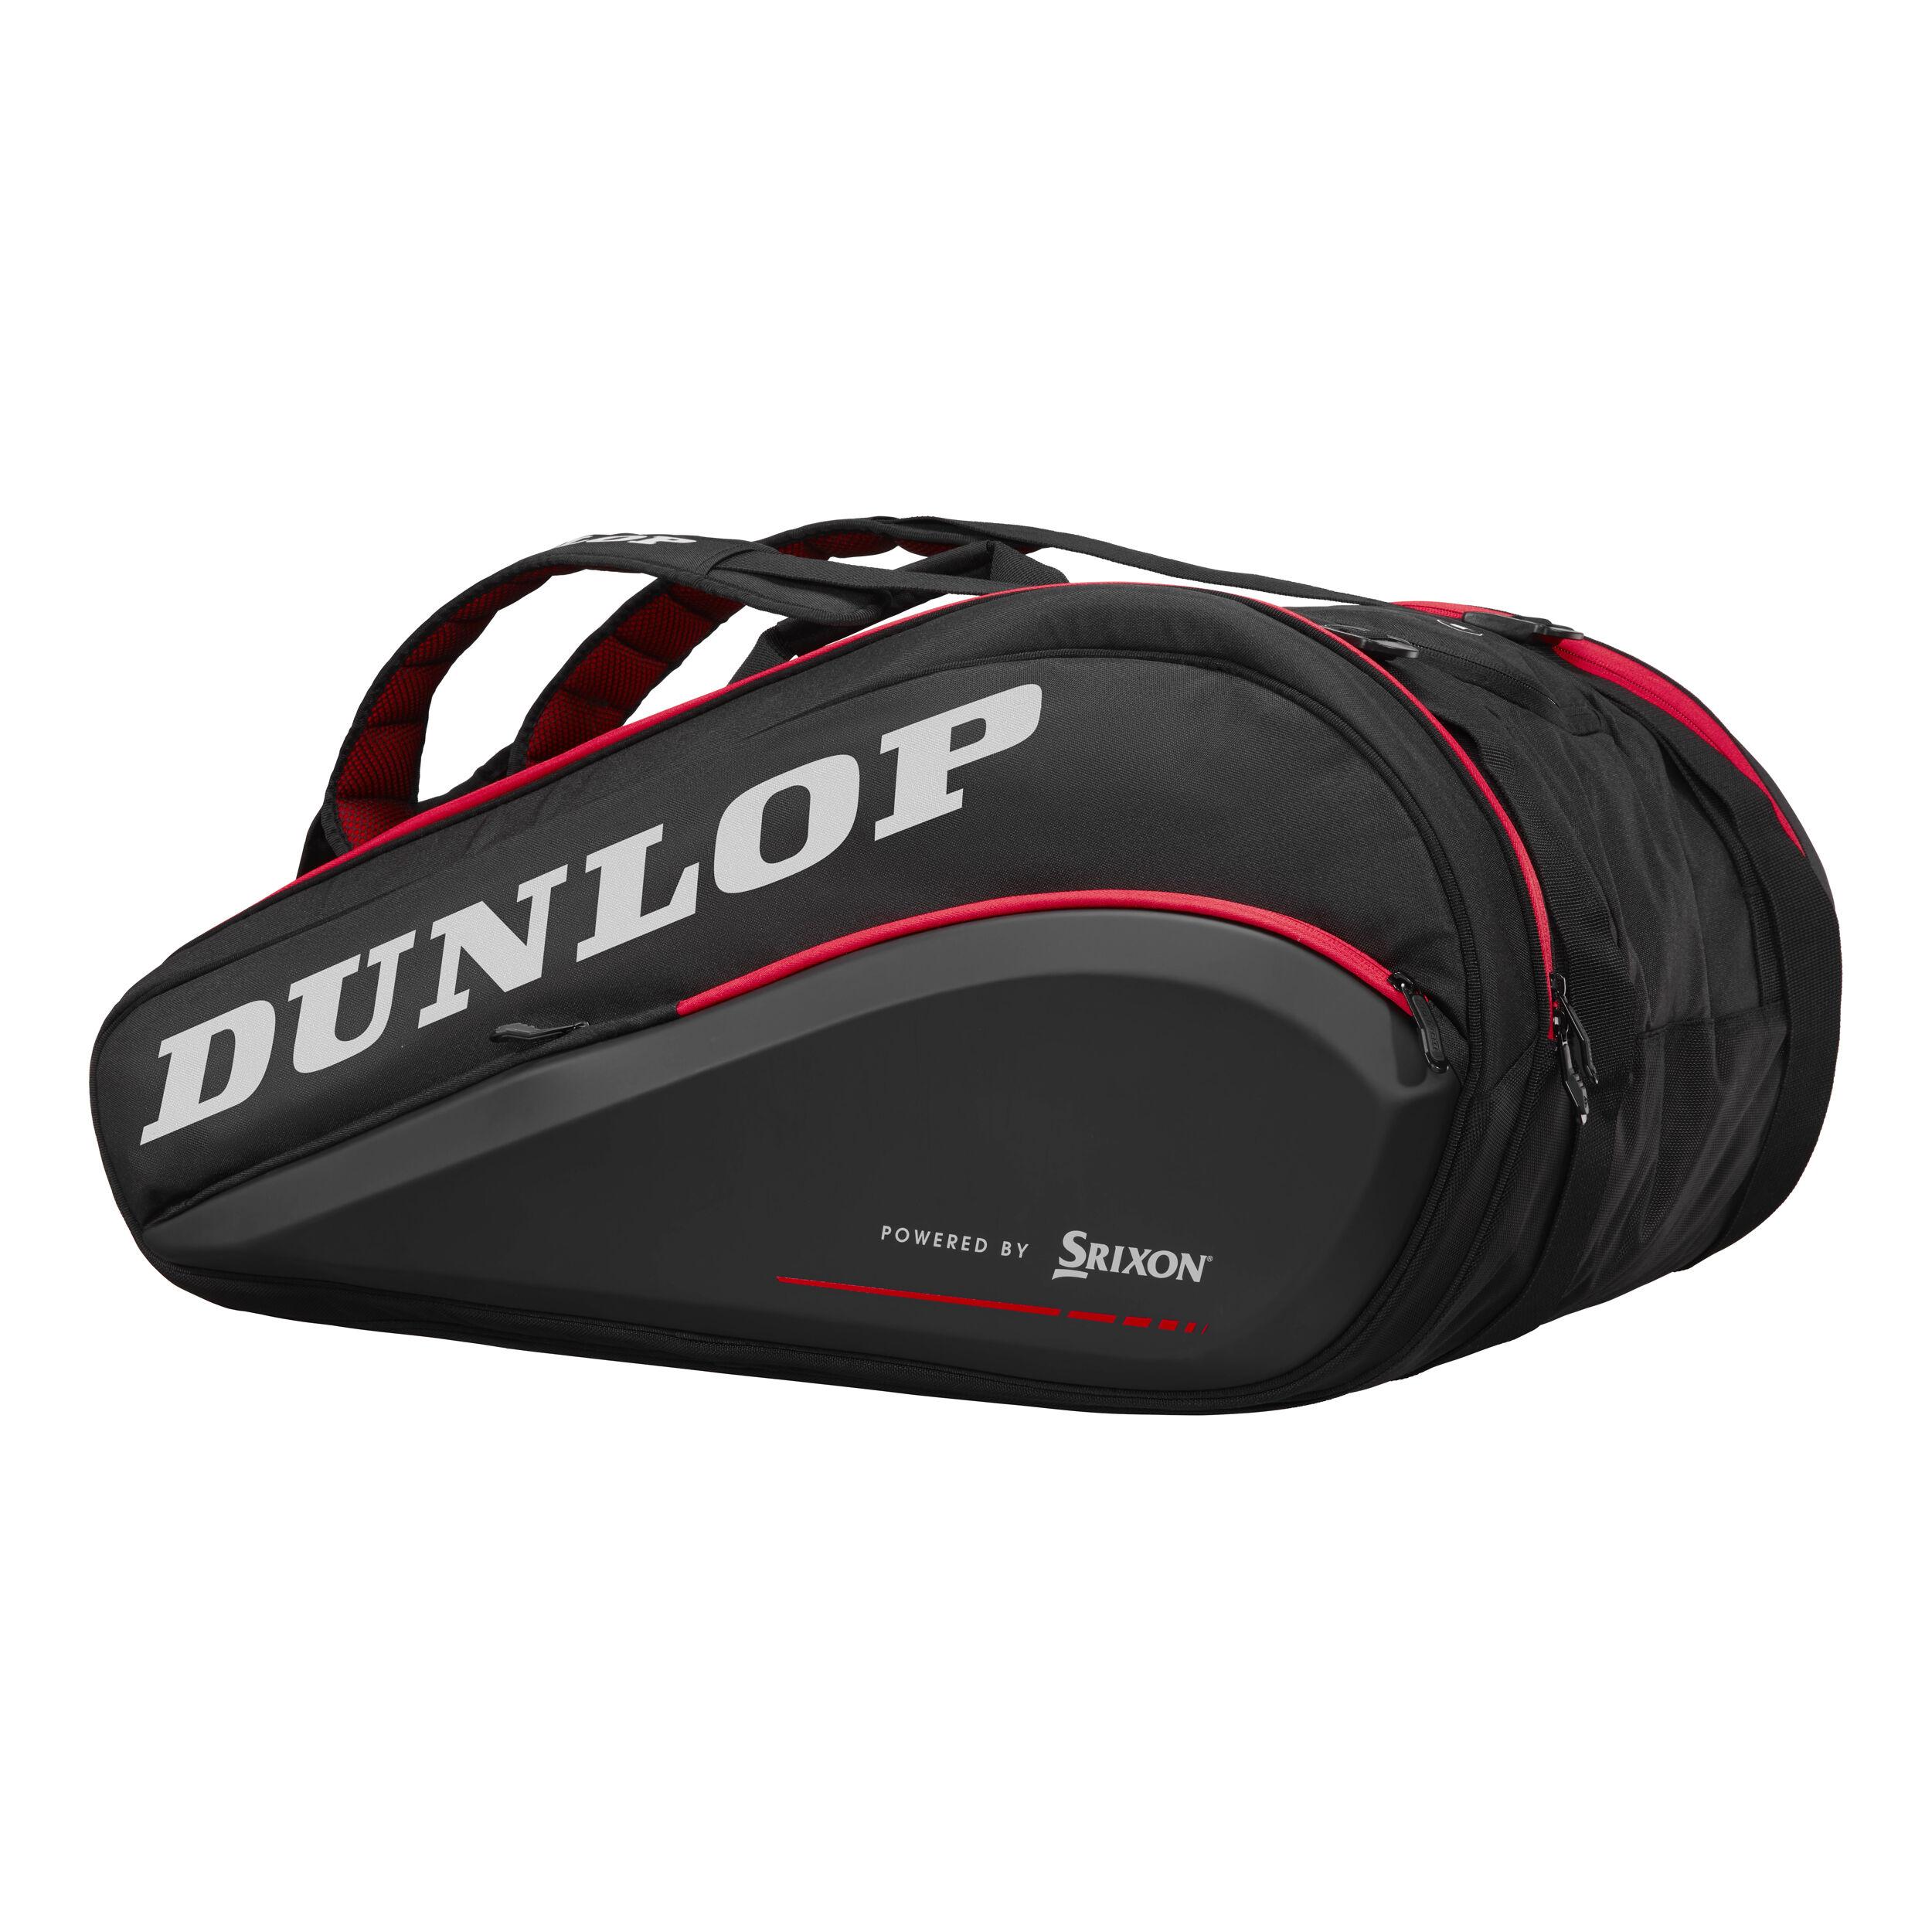 61% Dunlop Force 500 Tour (Kat 2 gebraucht) Dunlop